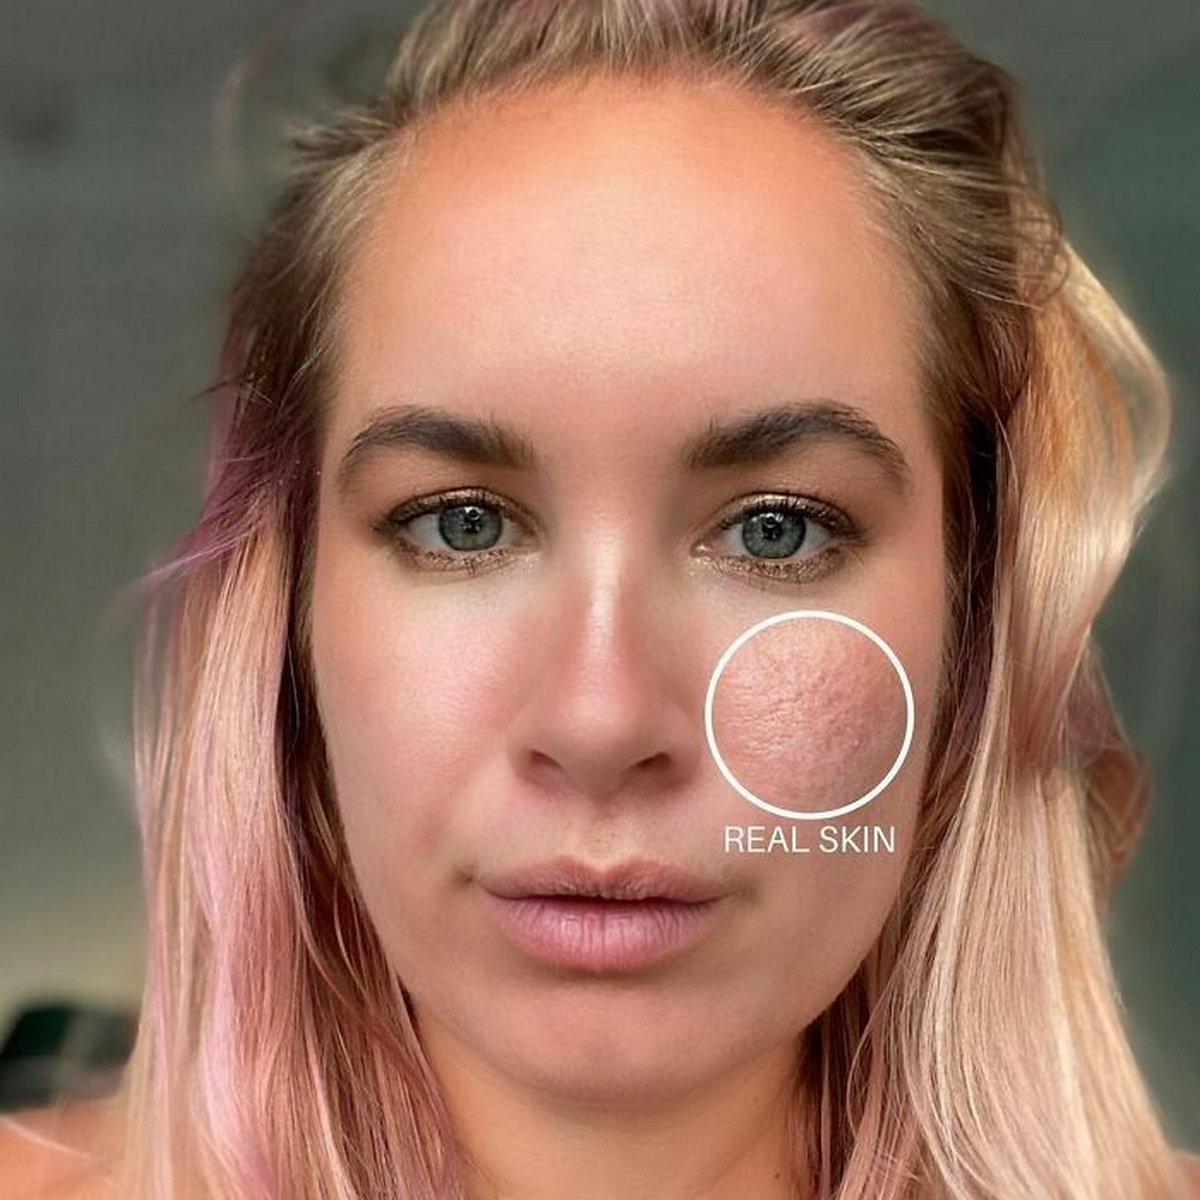 Ces femmes ont participé au défi #FilterDrop sur Instagram et ont montré leur visage sans filtre pour lutter contre les publicités de beauté retouchées